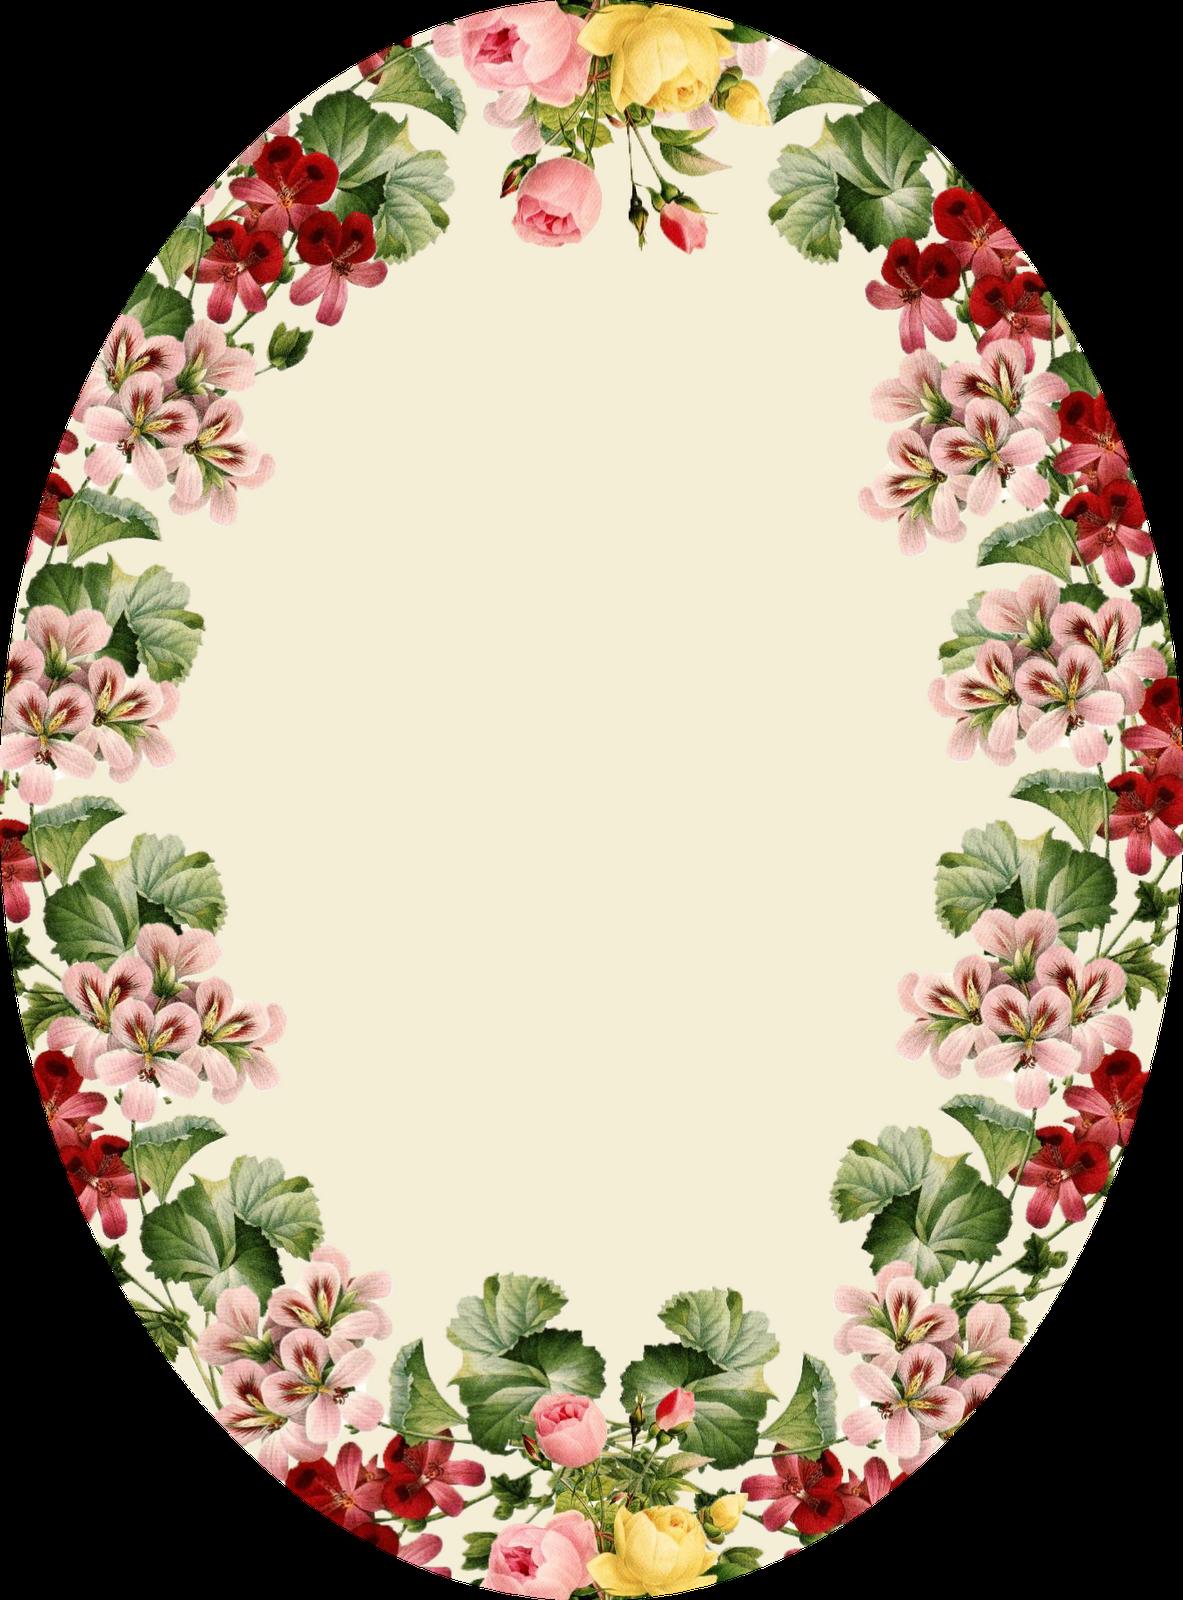 Une Jolie Etiquette Vintage Printable Frames Vintage Flowers Flower Frame